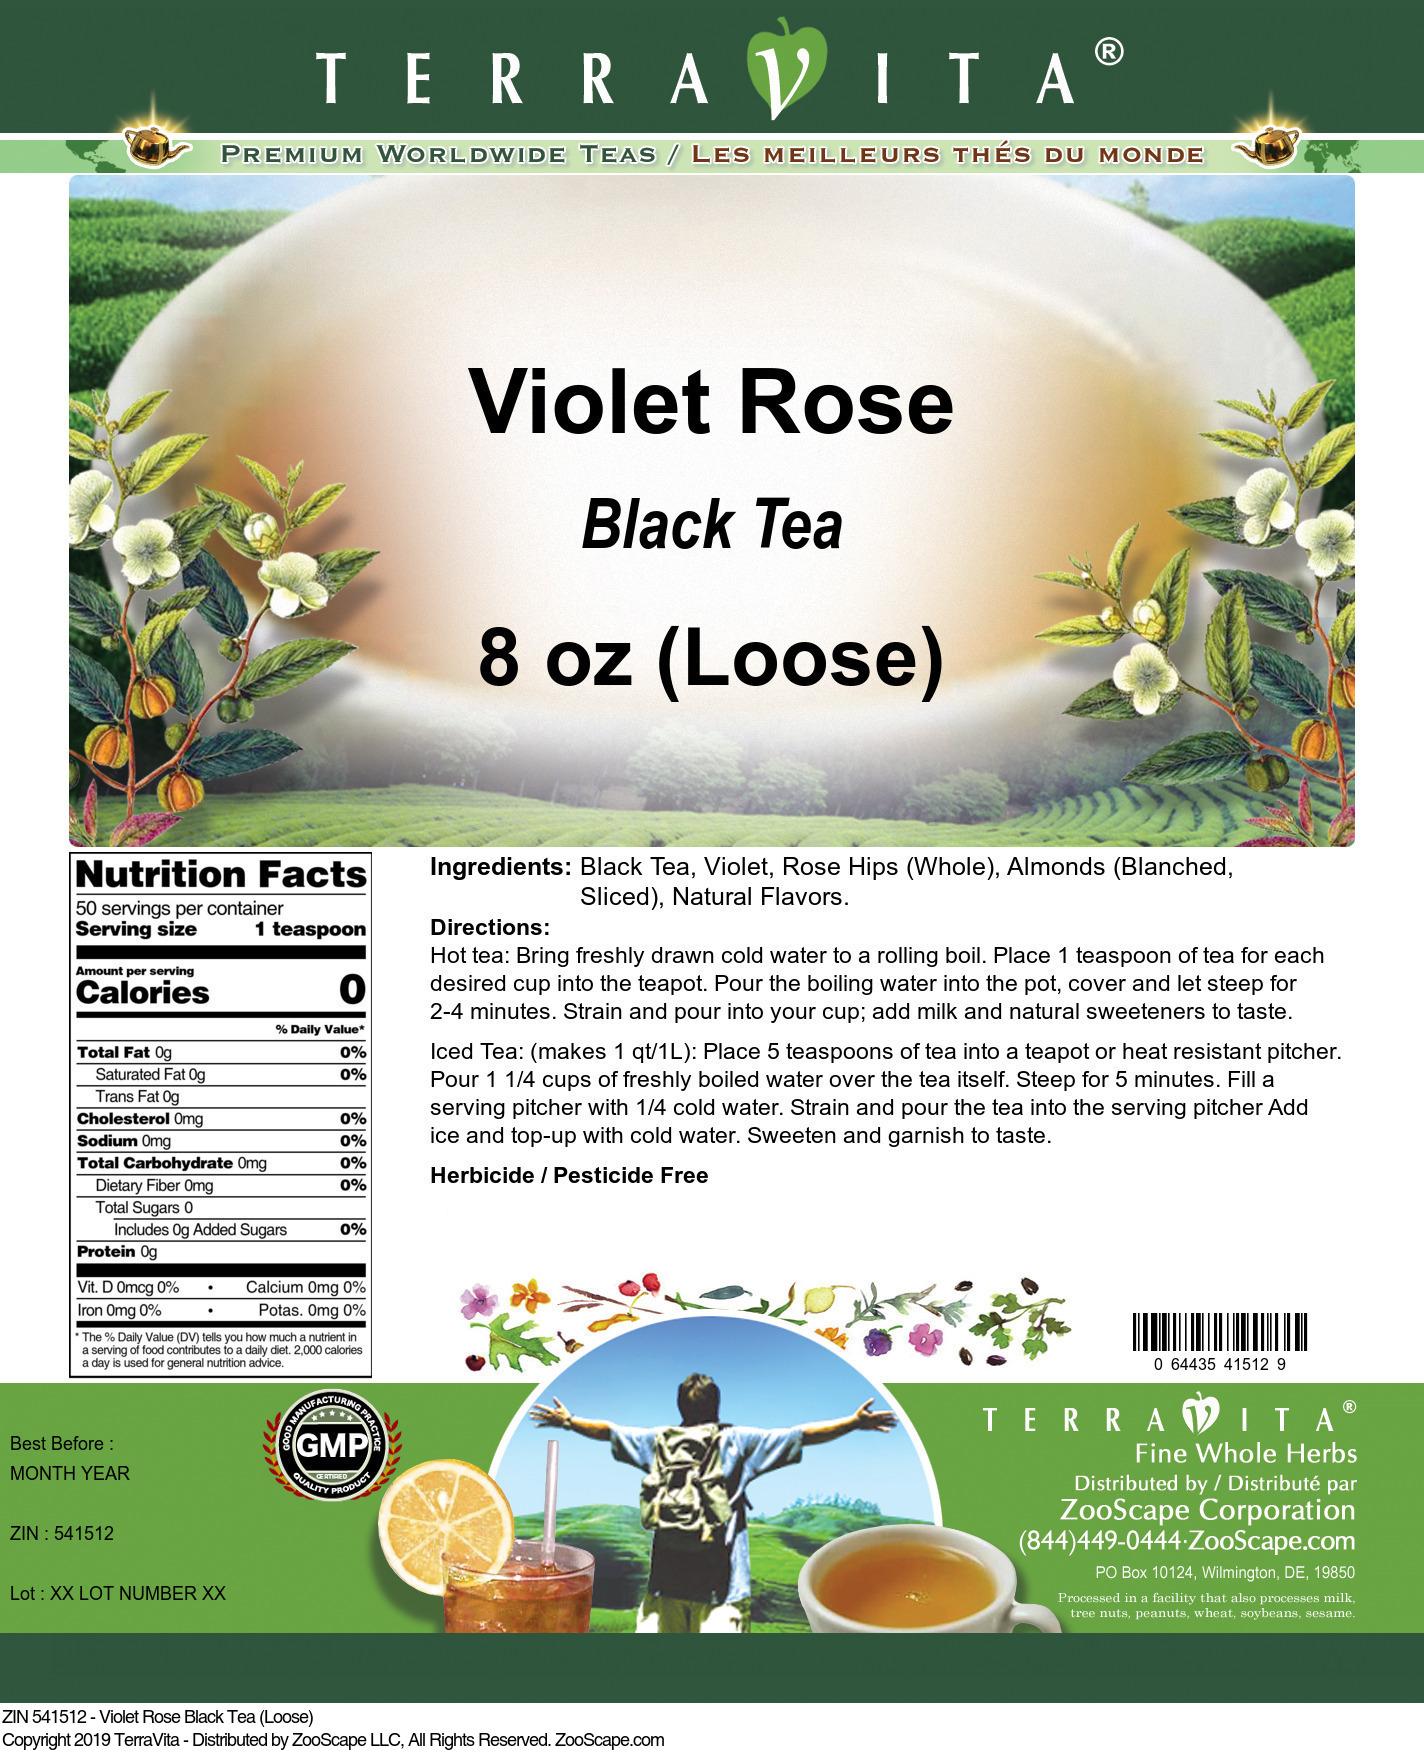 Violet Rose Black Tea (Loose)